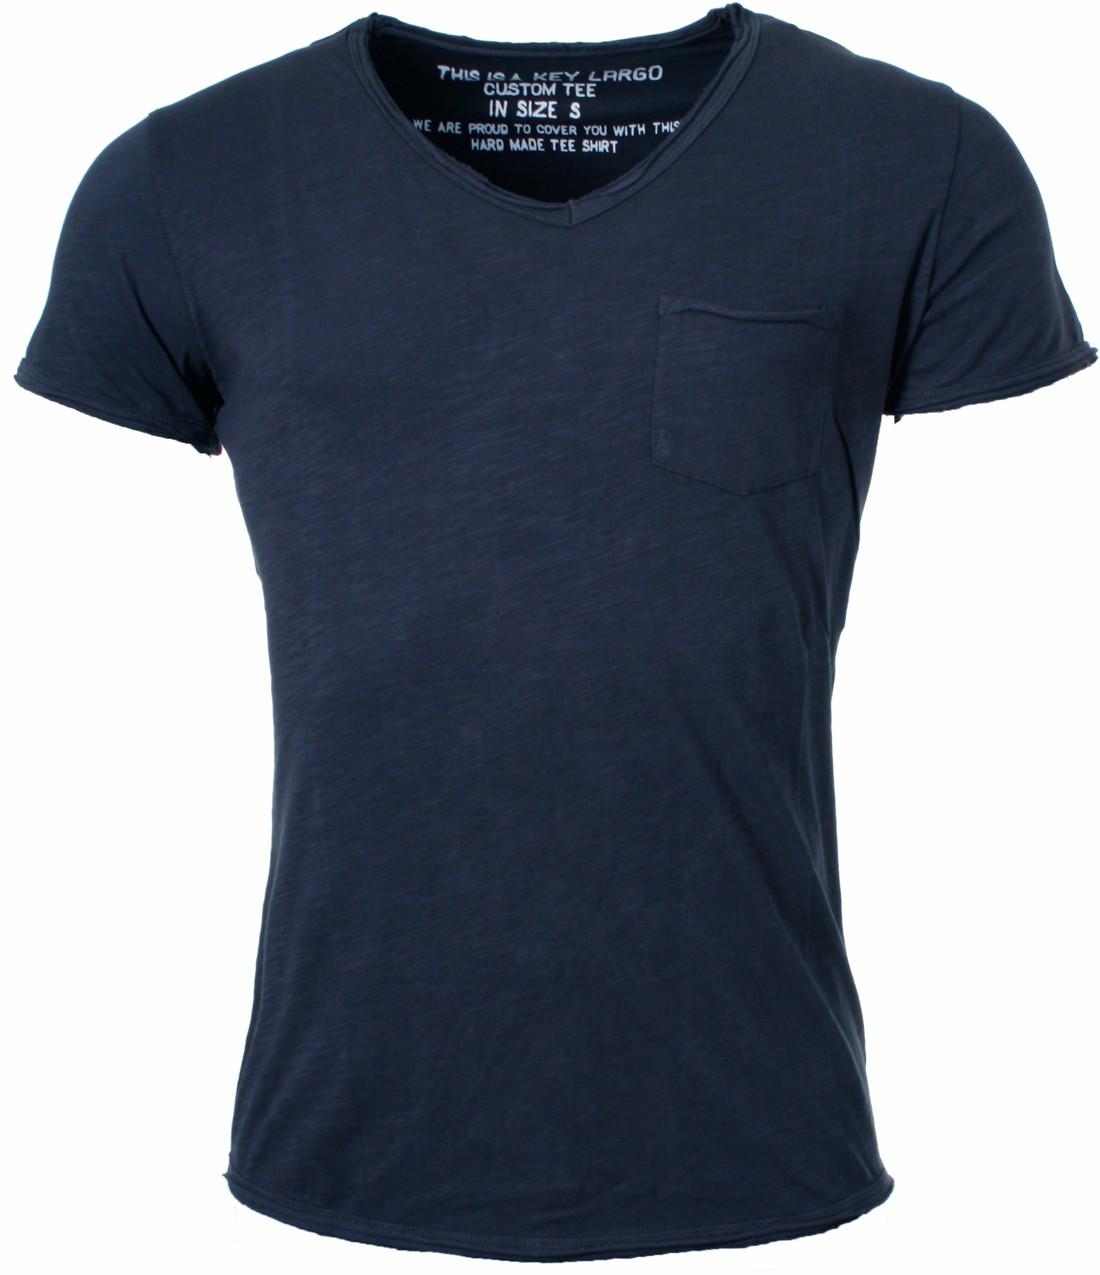 Key-Largo-Herren-vintage-Look-T-Shirt-Water-mit-Brusttasche-tiefer-V-Ausschnitt